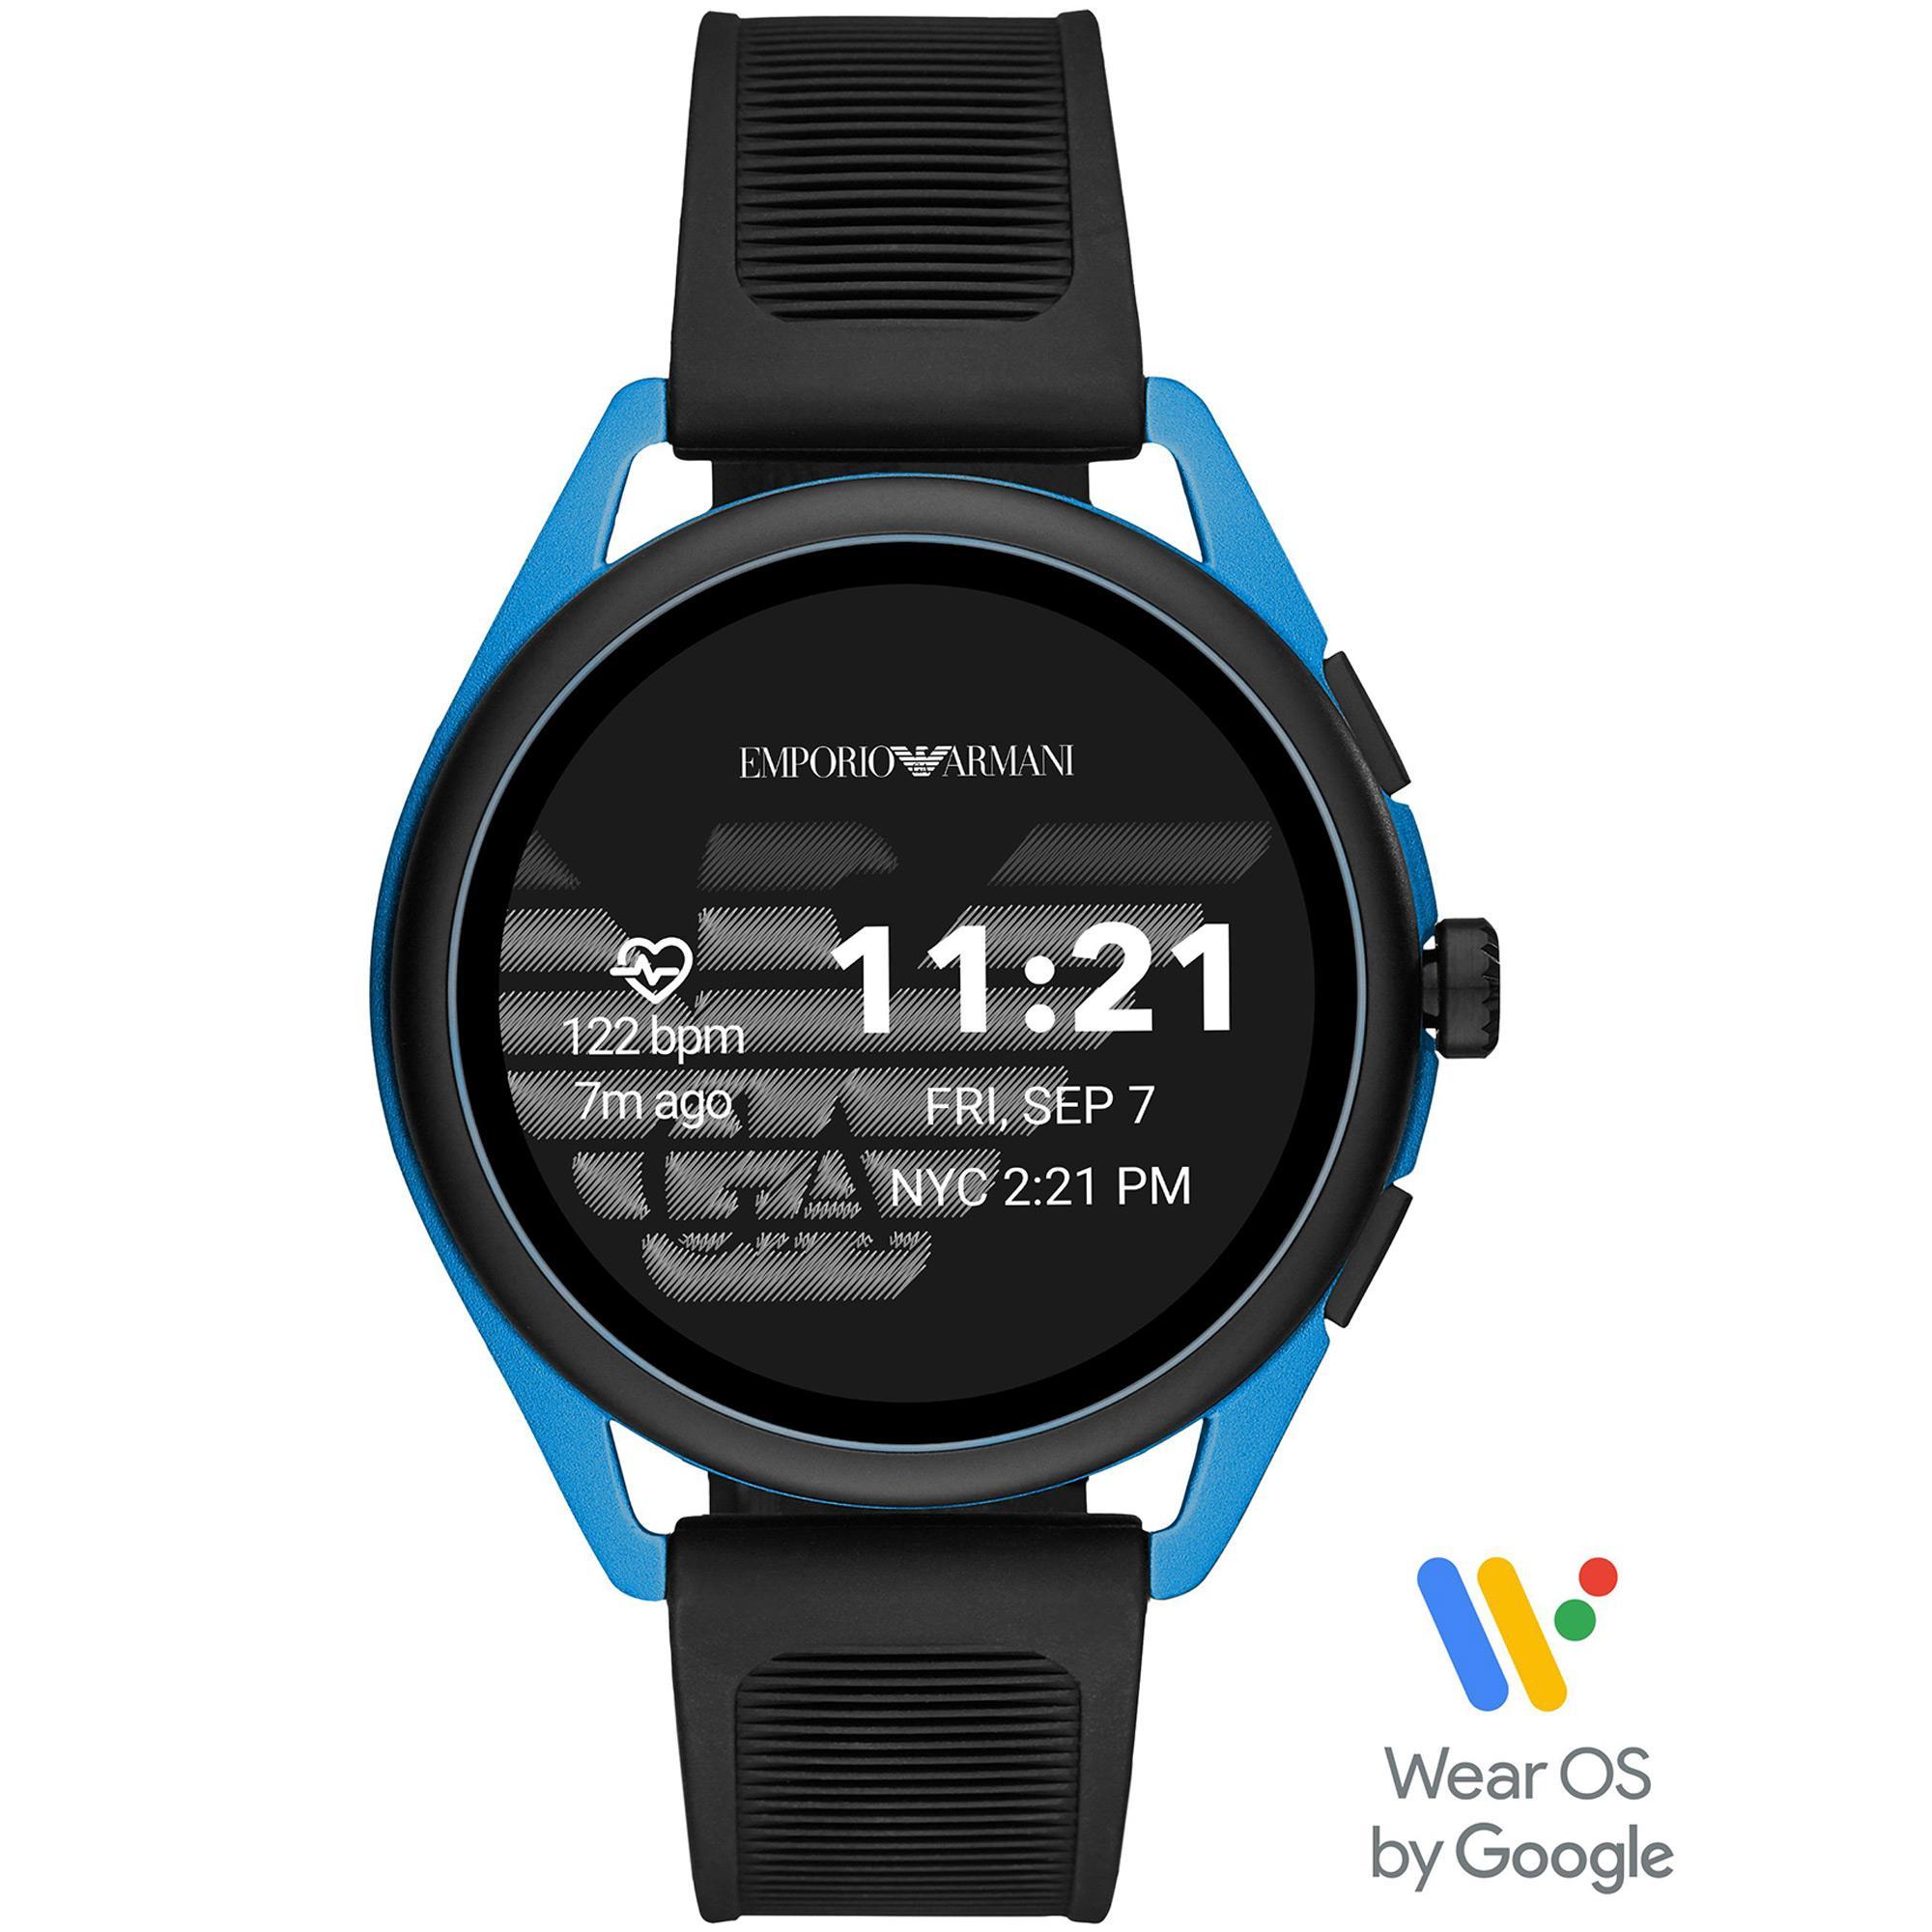 Smartwatch Gen 5 Da Uomo Di Emporio Armani - EMPORIO ARMANI